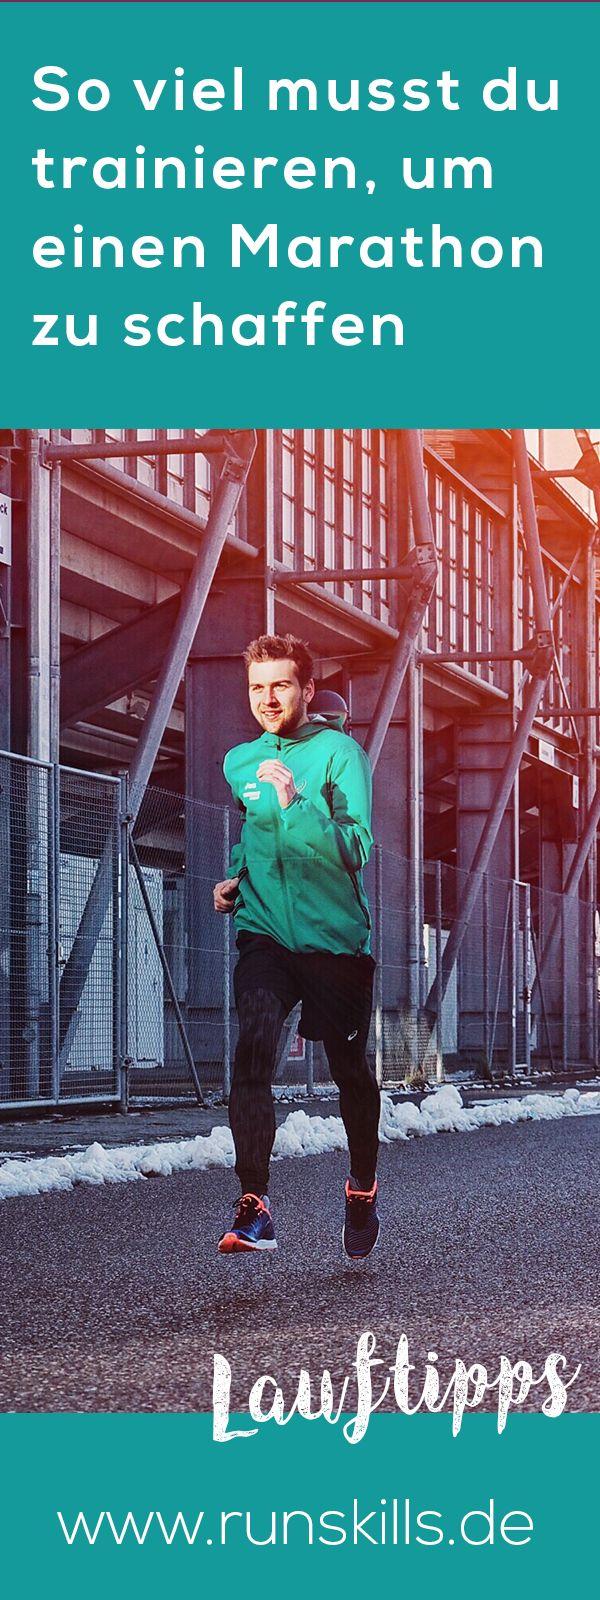 Wie viel musst du tatsächlich trainieren, um einen Marathon zu laufen? #marathon #laufen #marathonlaufen